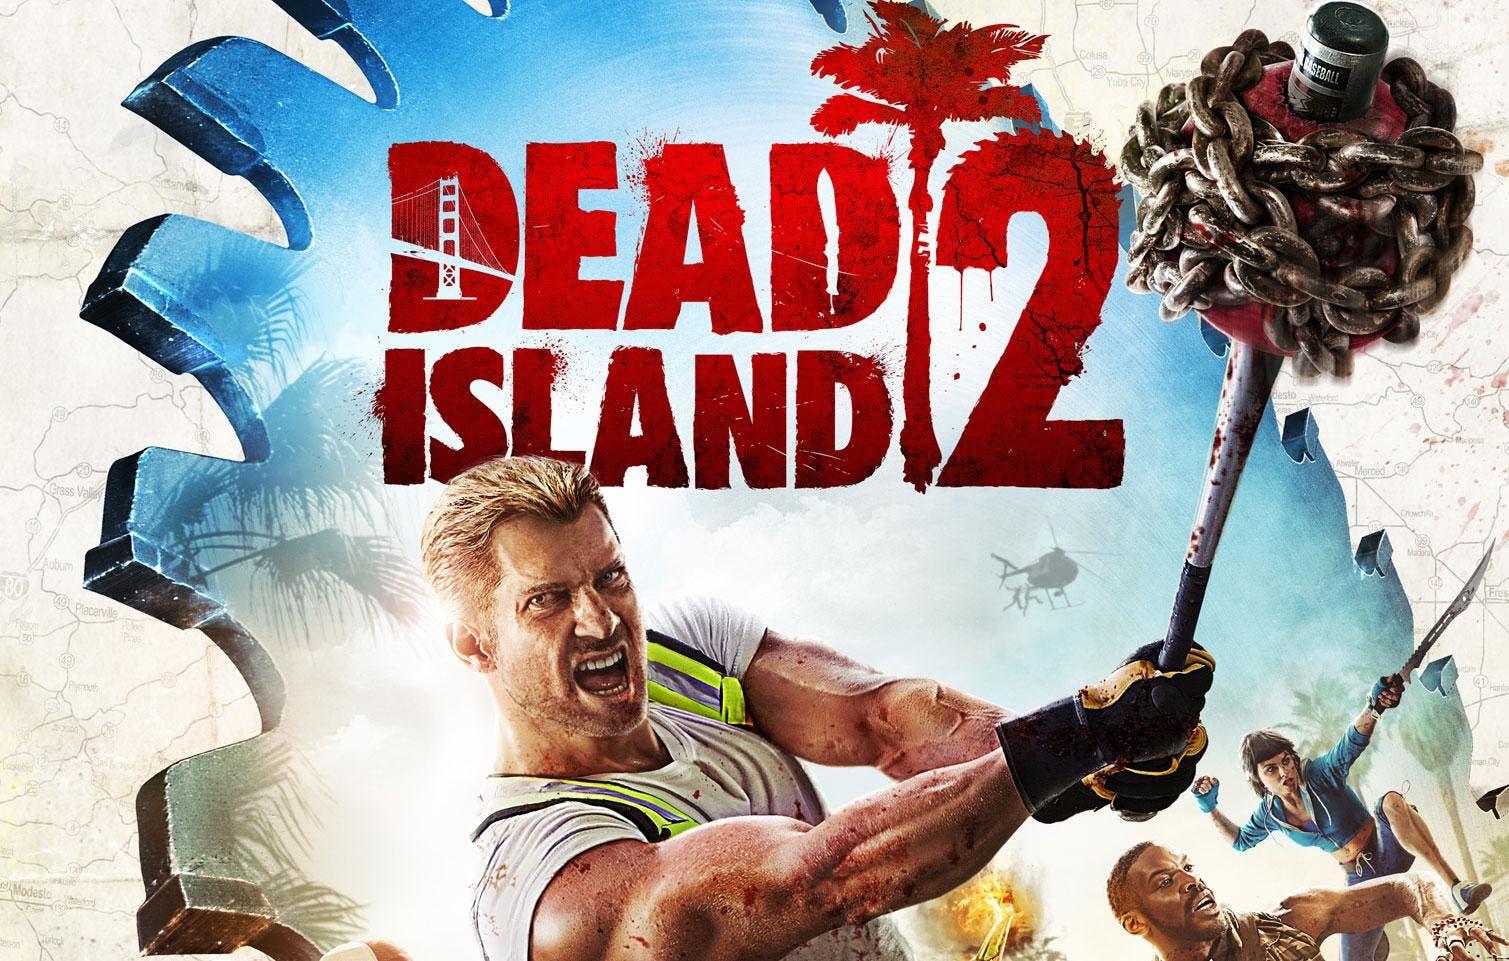 Filtran gran cantidad de imágenes de Dead Island 2 en una versión muy prematura 3